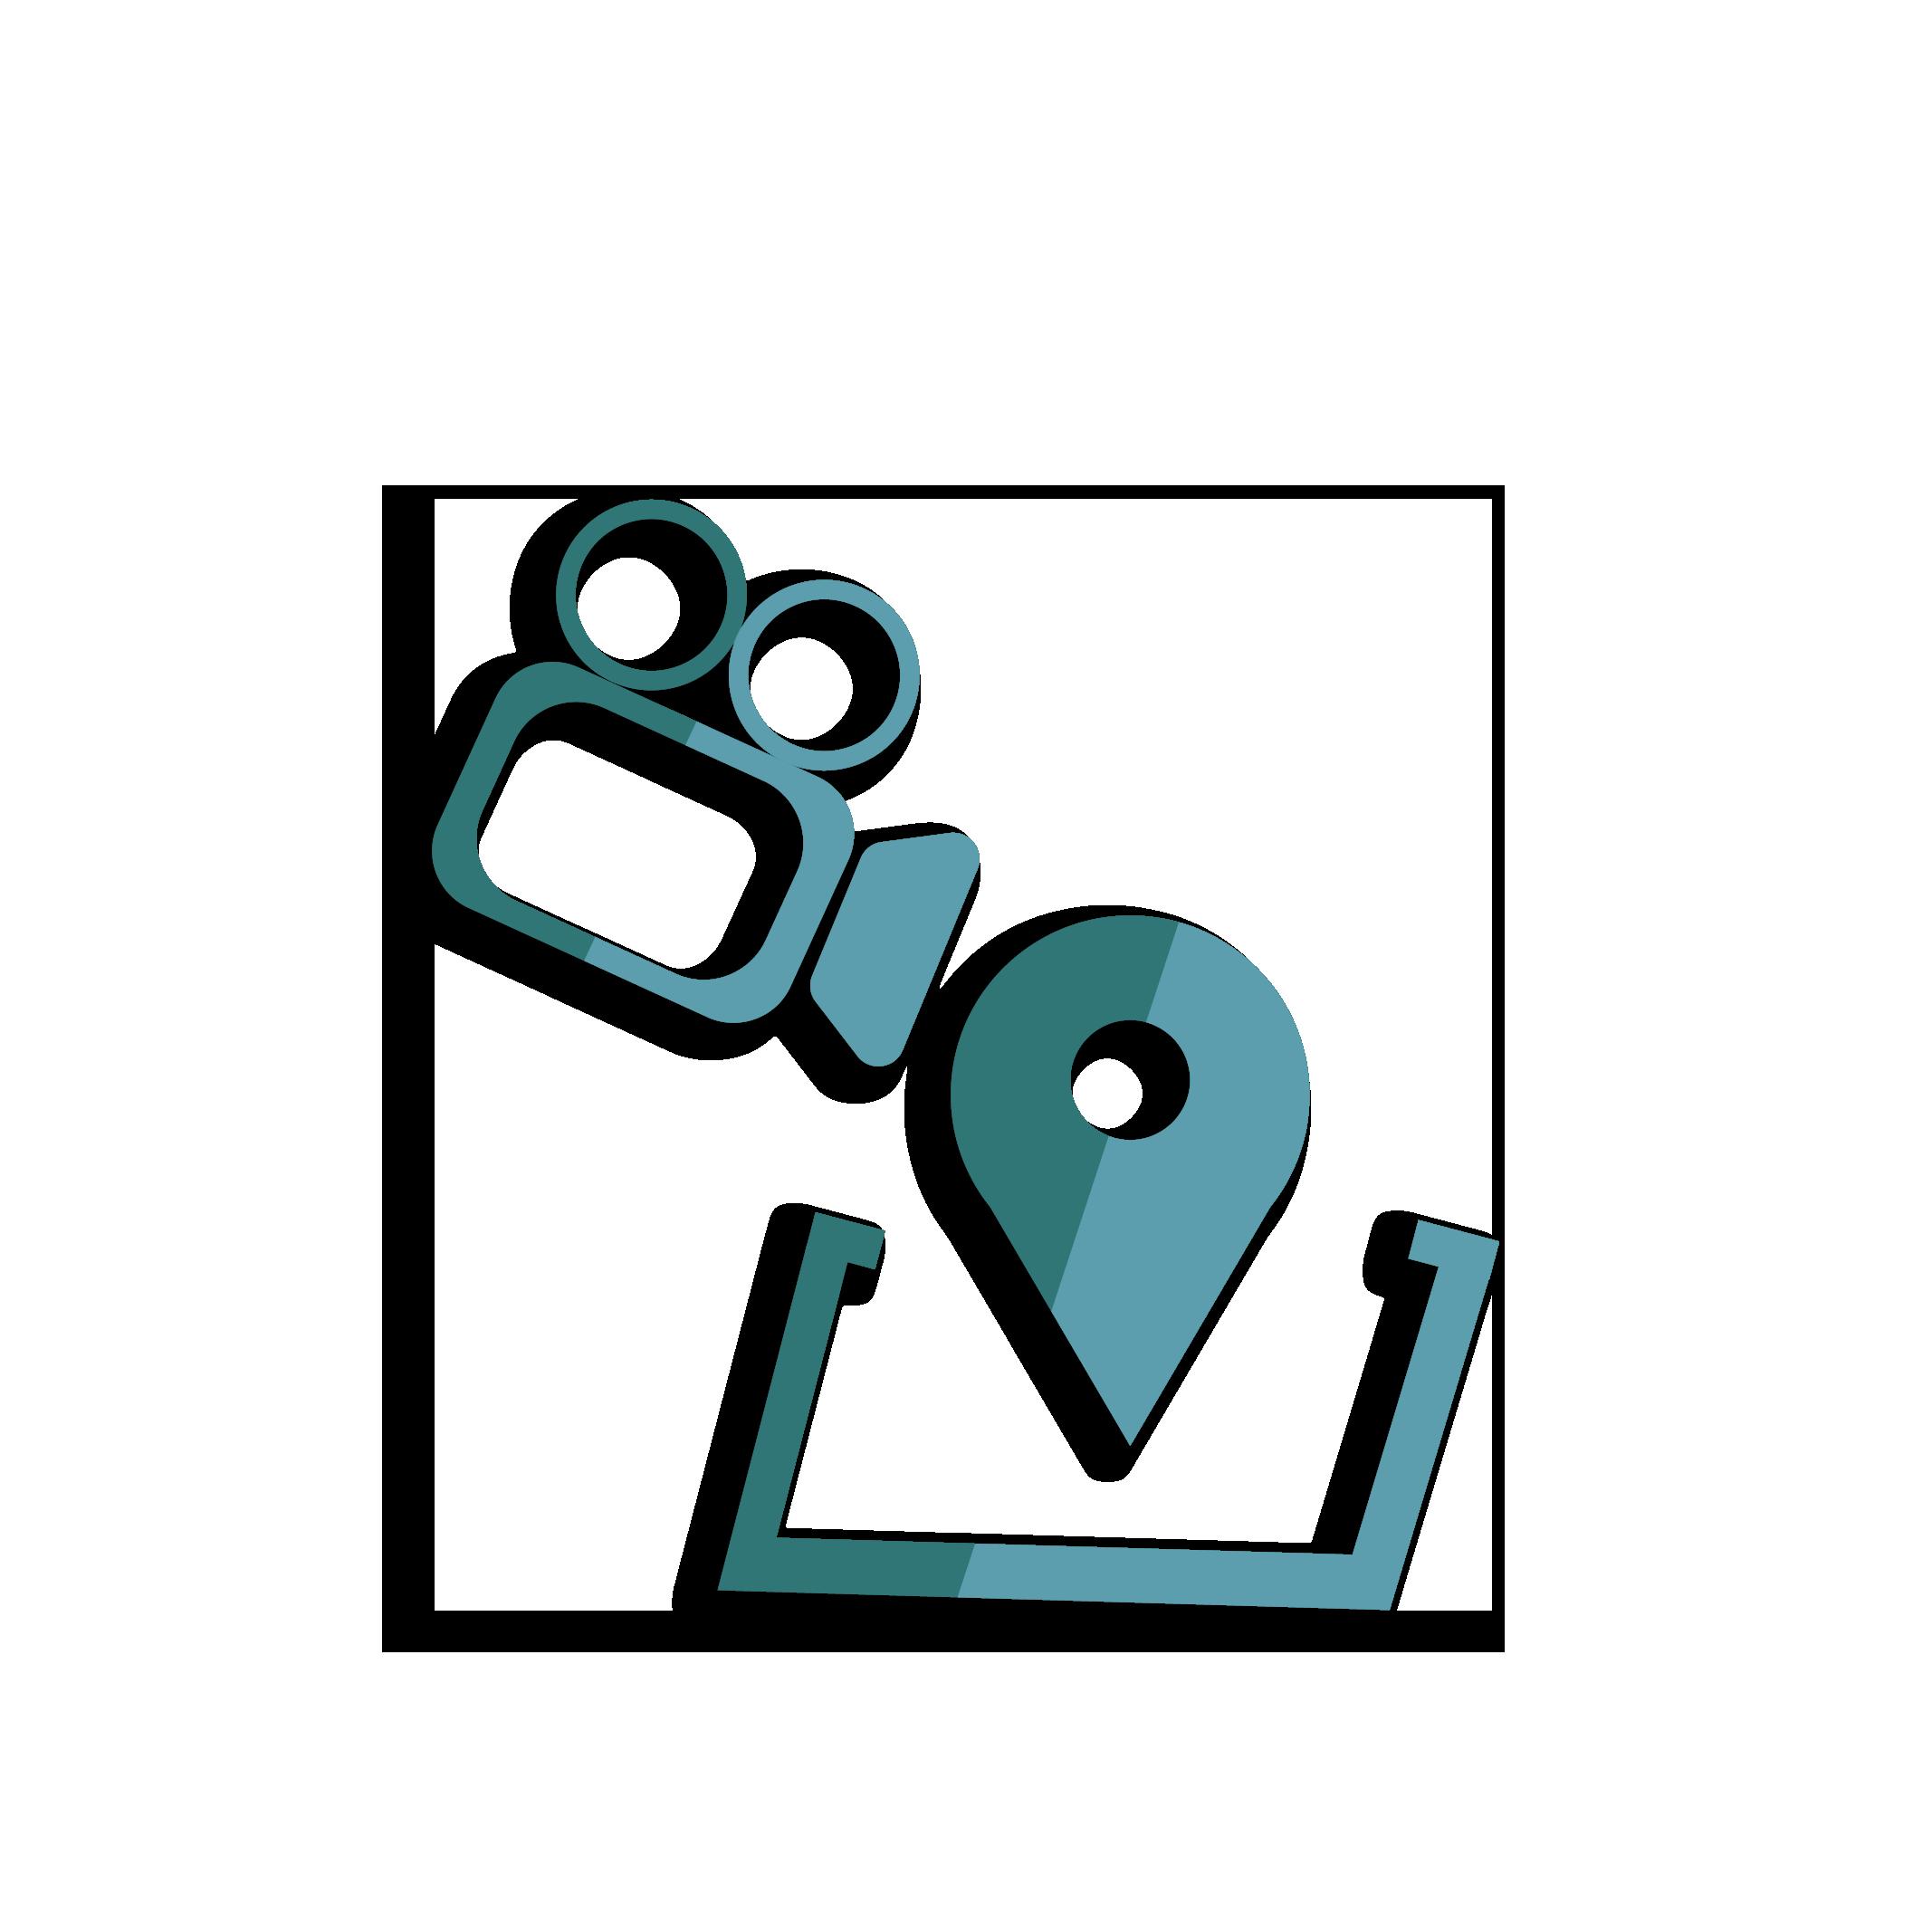 視訊(含手語視訊)服務地點